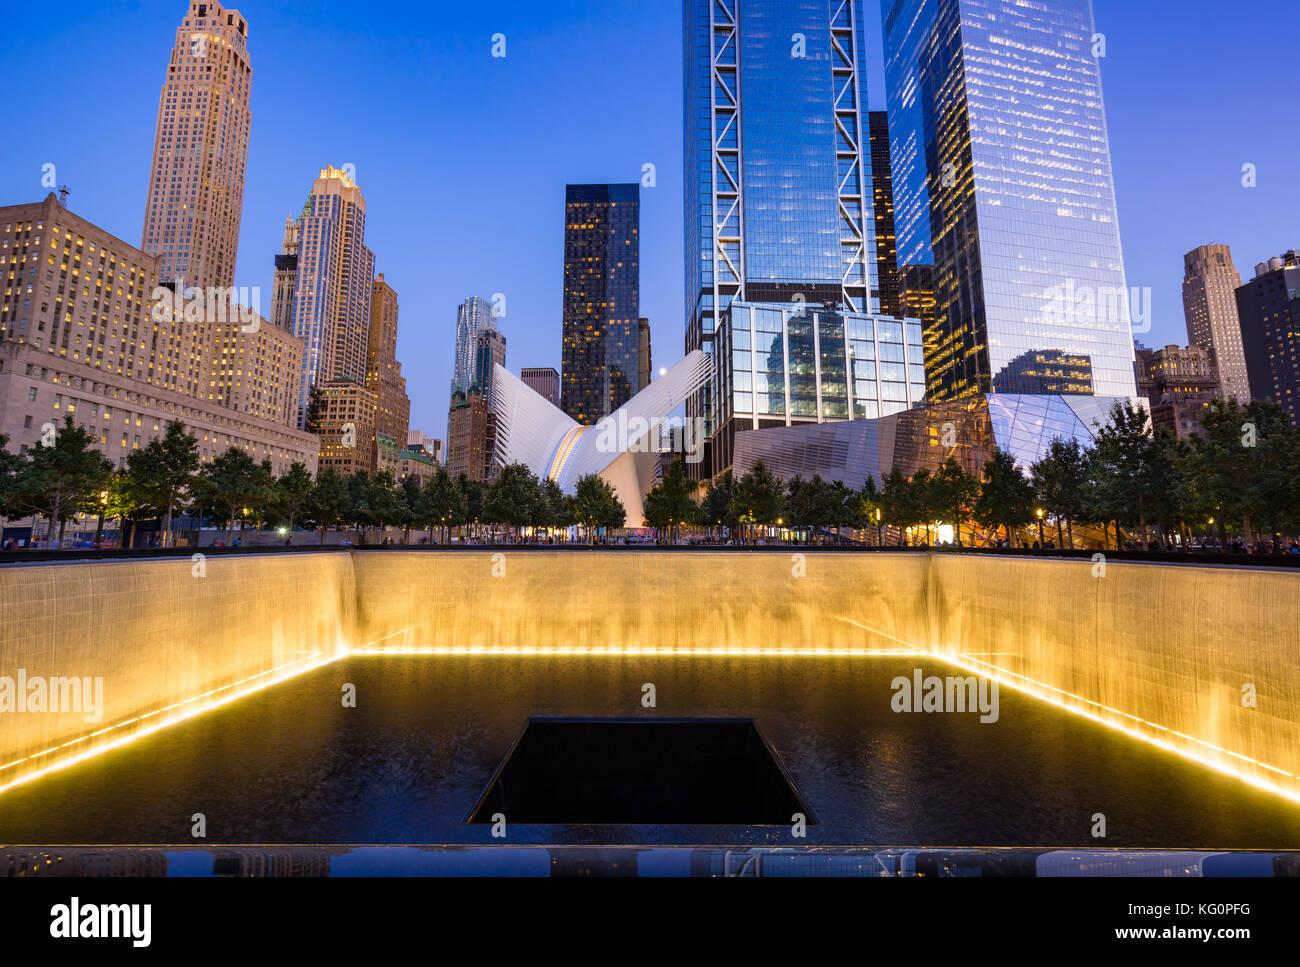 Il Nord Pool riflettente illuminato al crepuscolo con vista del World Trade Center Torre 3 e 4. La parte inferiore Foto Stock